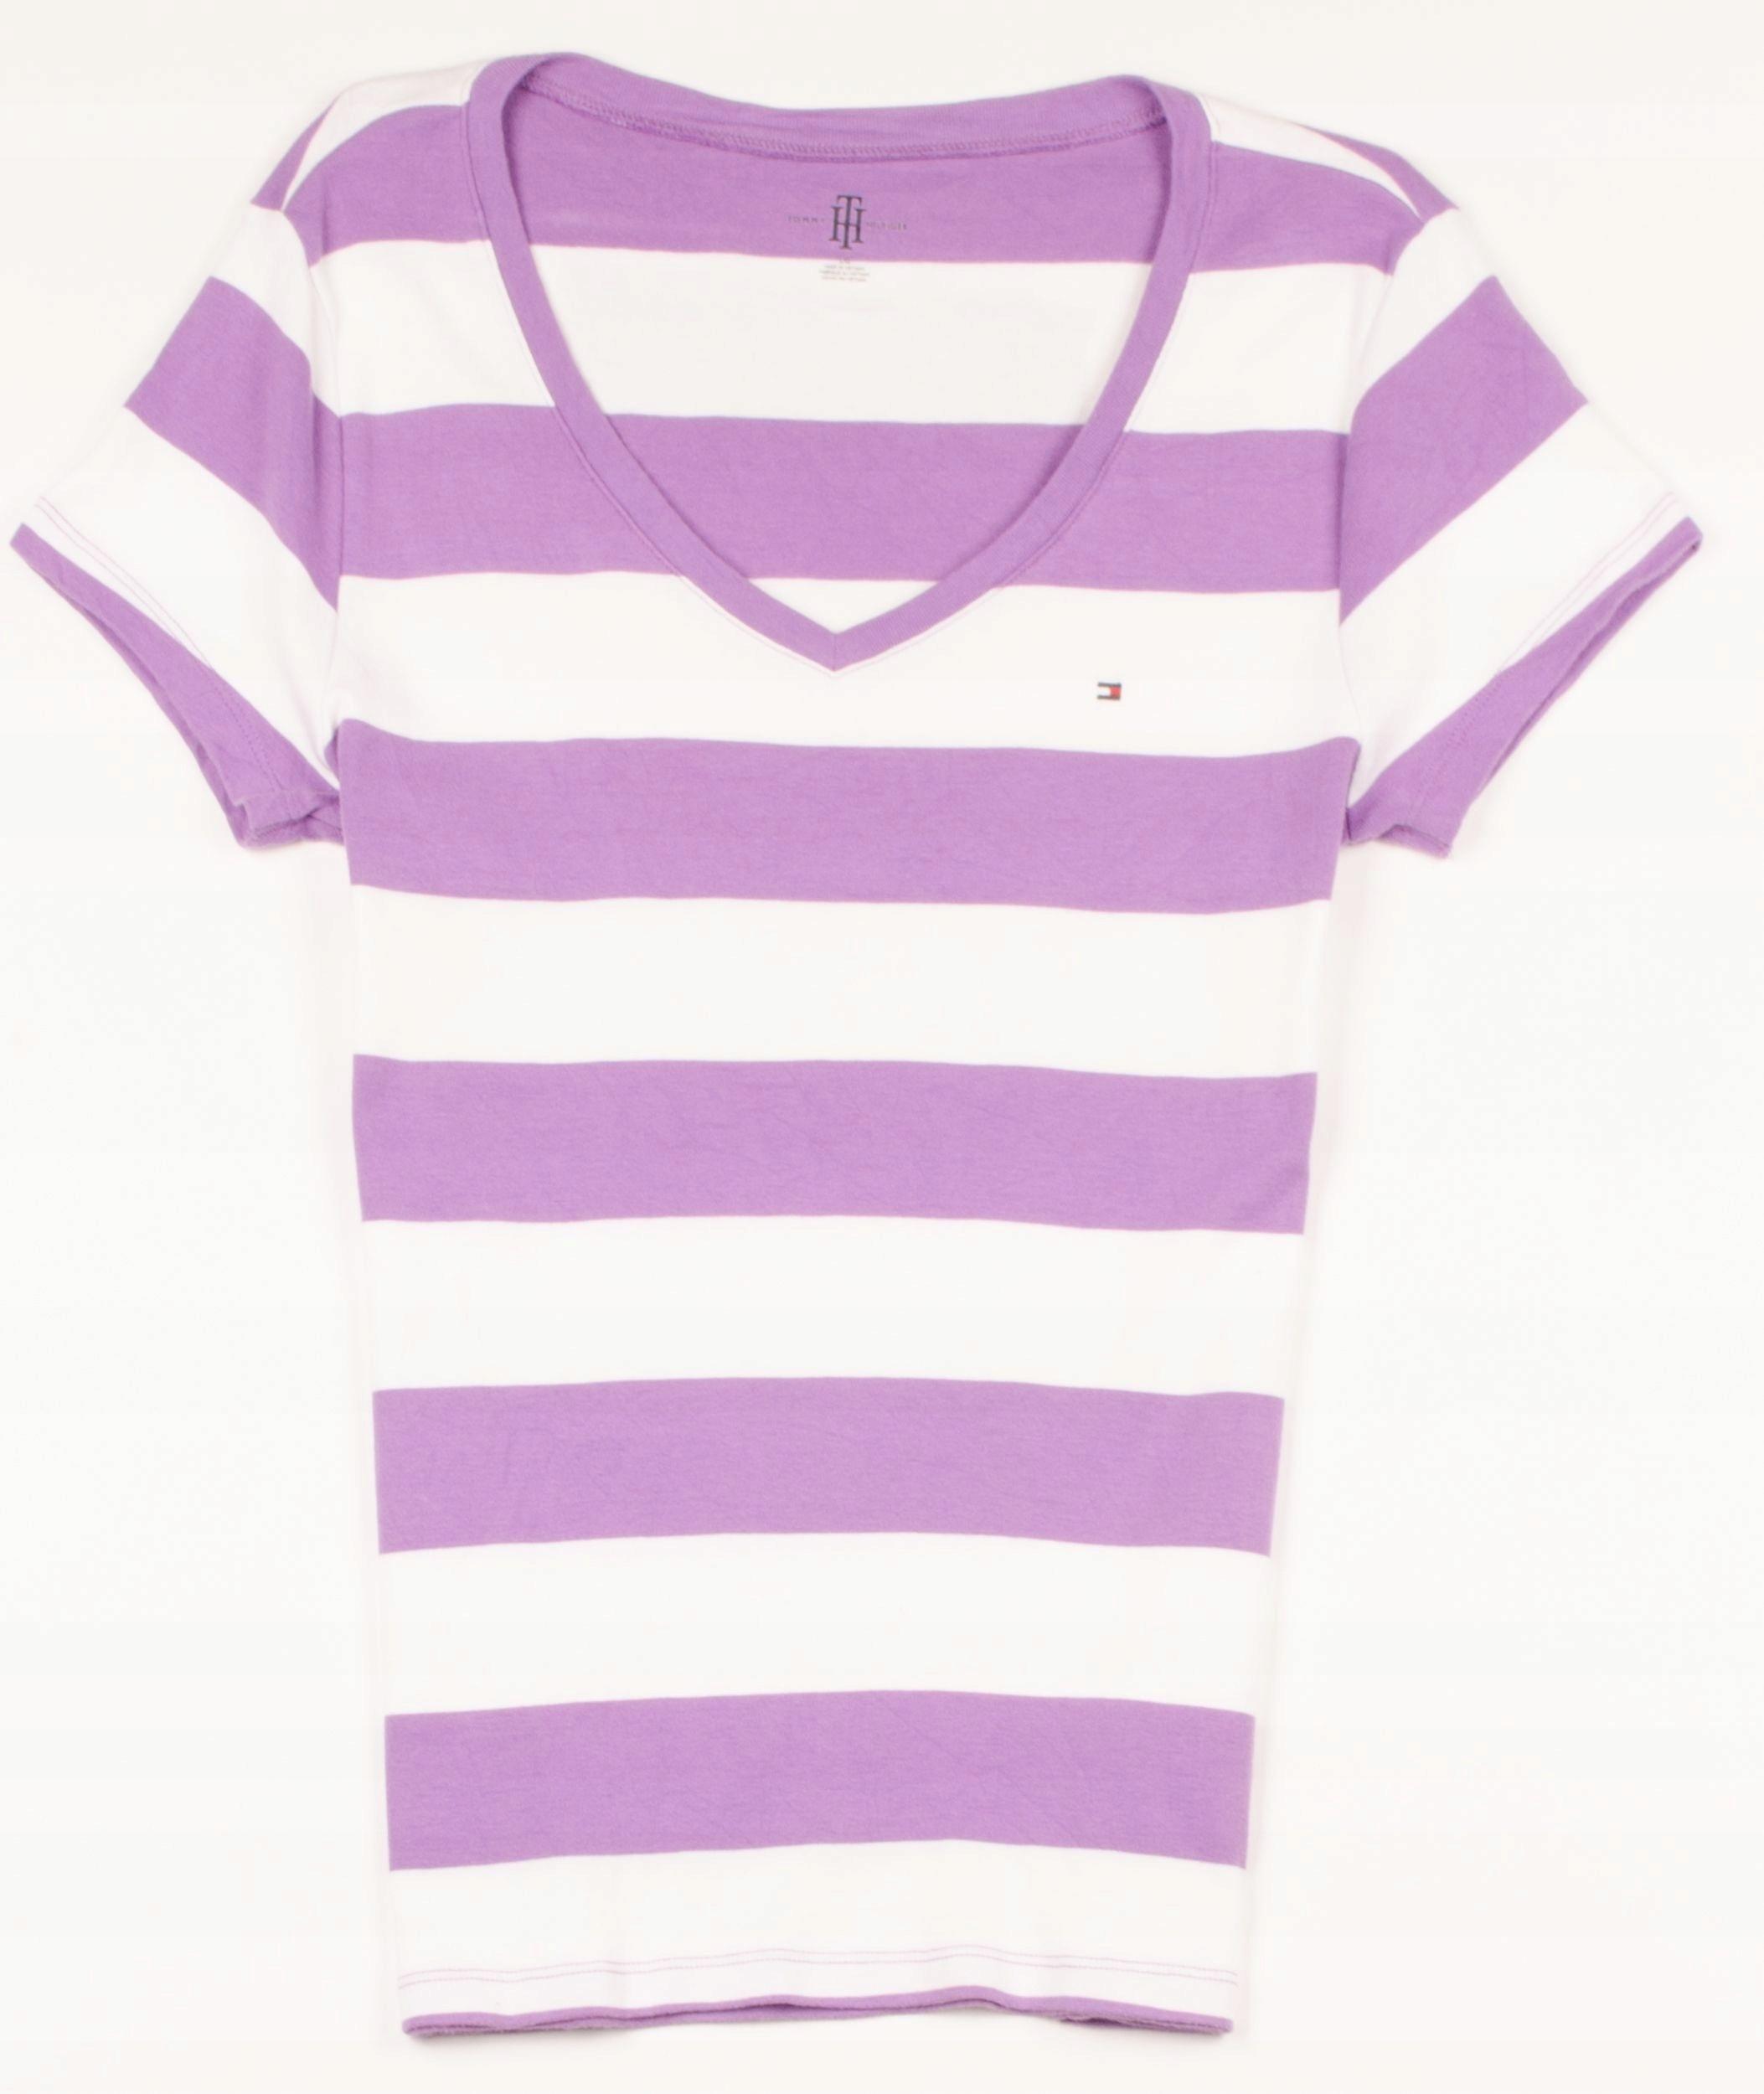 2da6a1f57c392 23953 Tommy Hilfiger T-shirt Damski L - 7568519427 - oficjalne ...